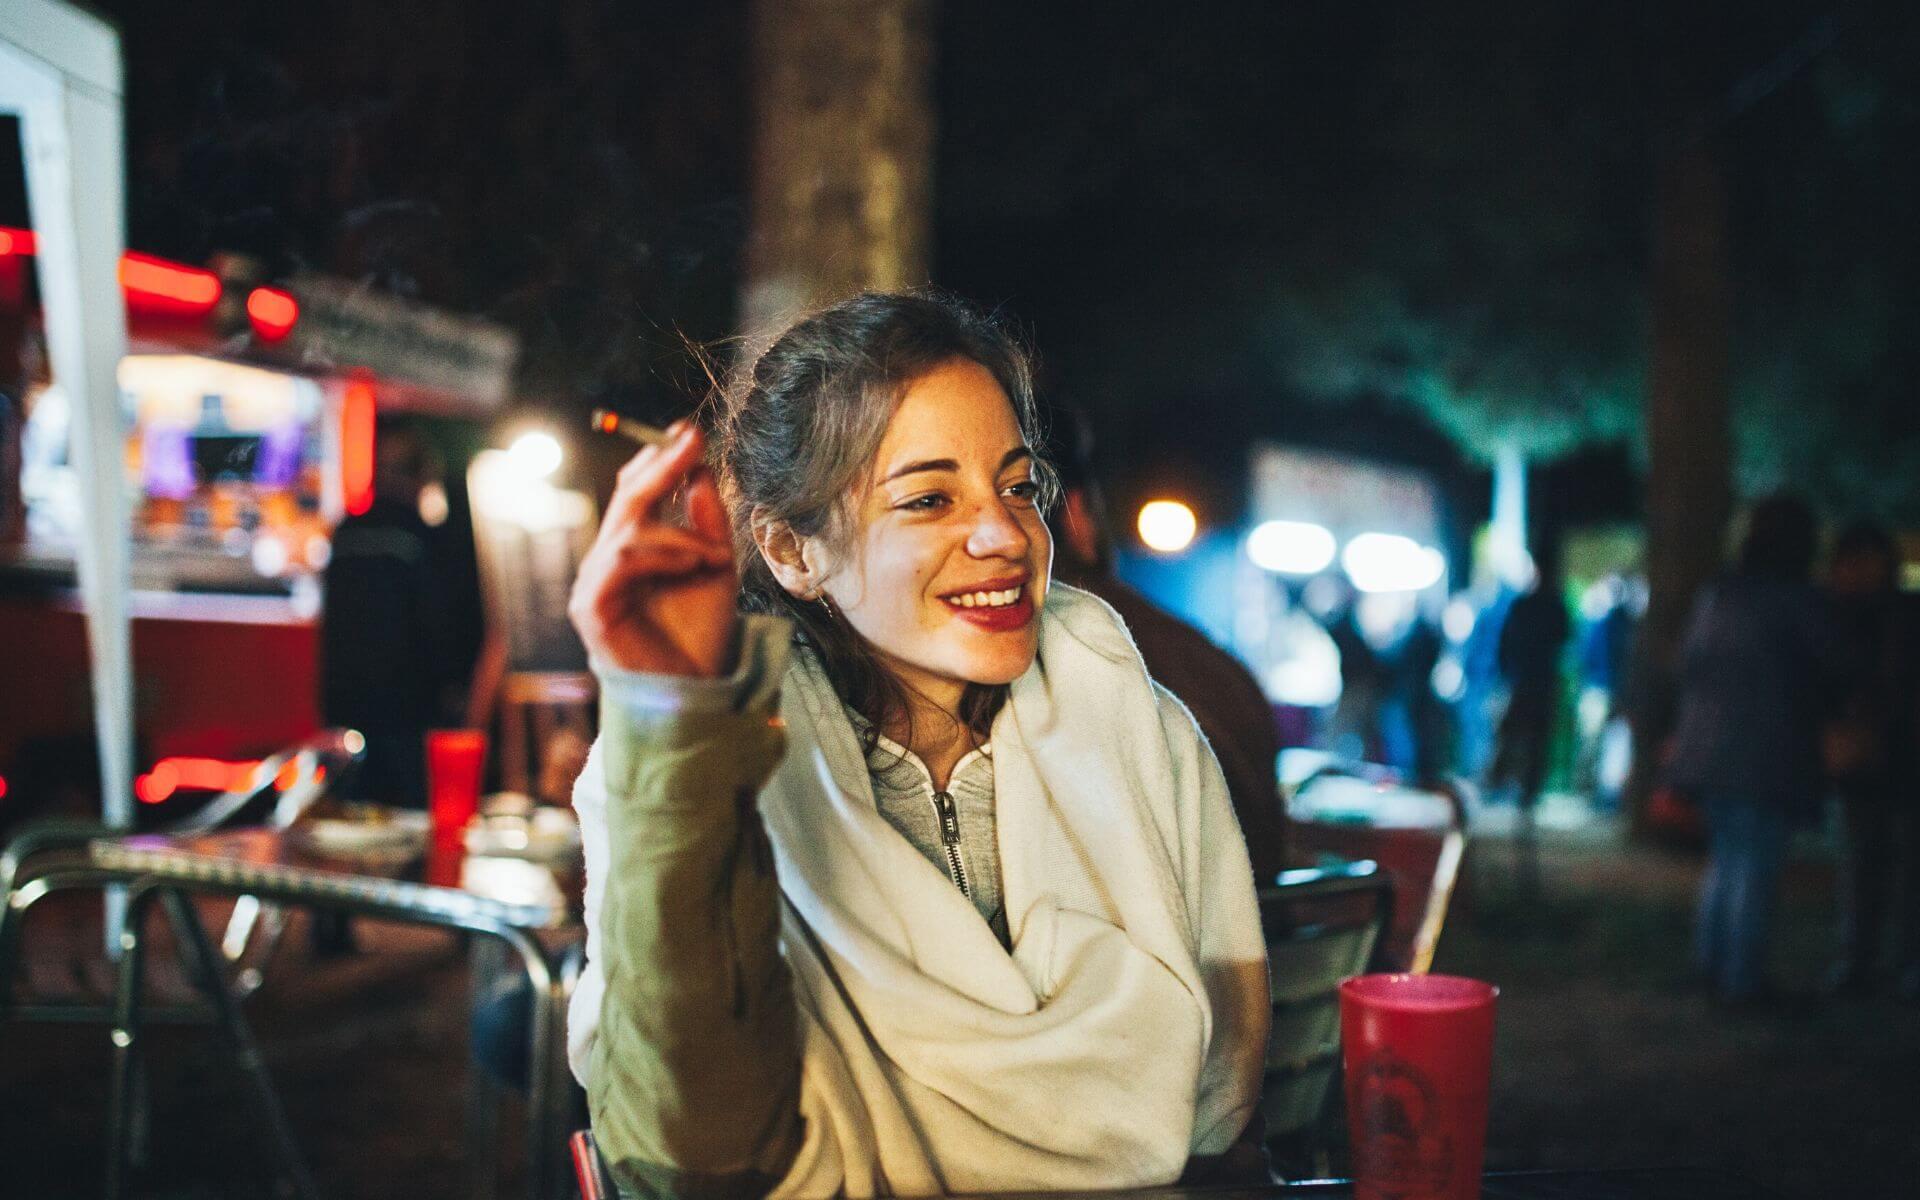 blogimage frau rauchen nacht